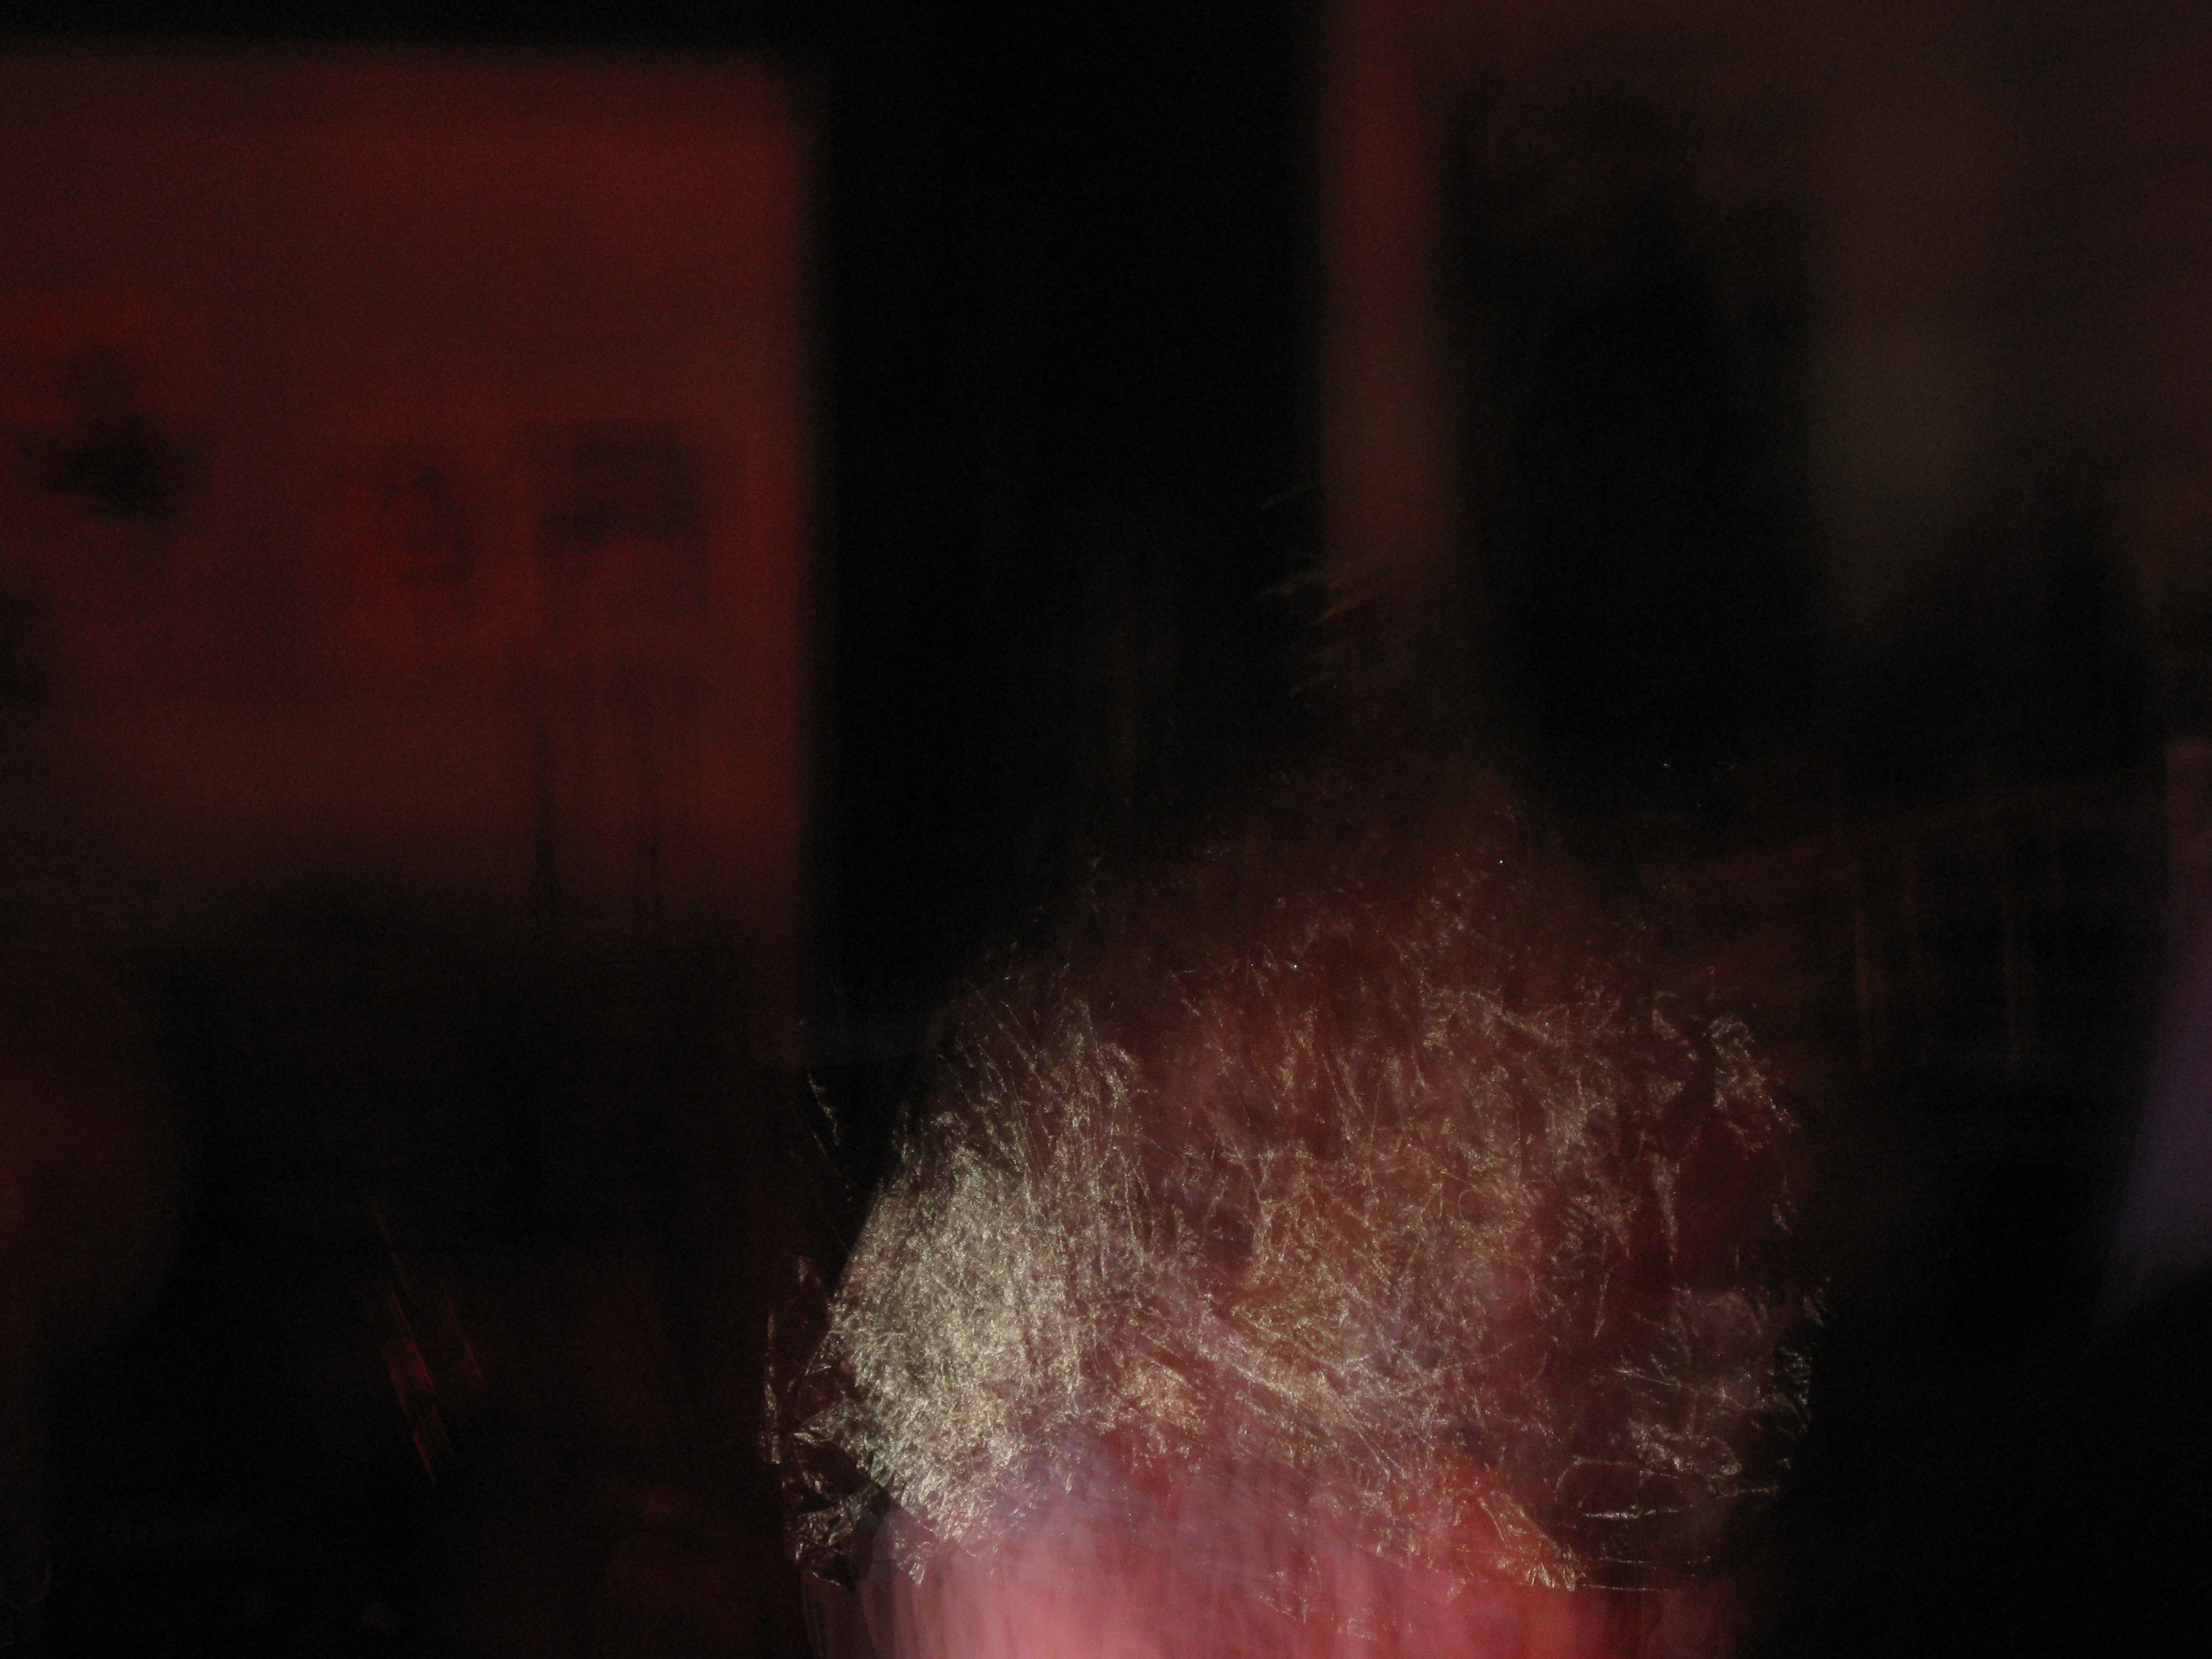 The Three Brained Robot Greensboro 8/30 Maya Gallery